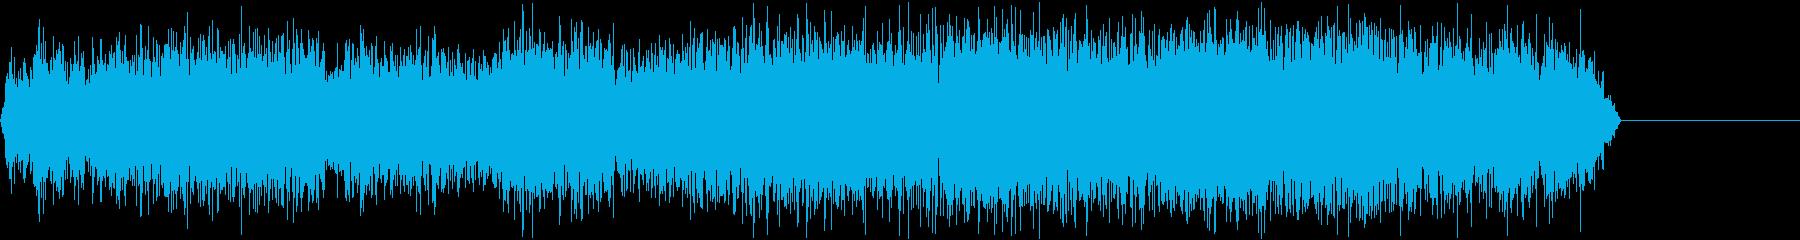 ガガガガガガ(機械で削るような音)の再生済みの波形